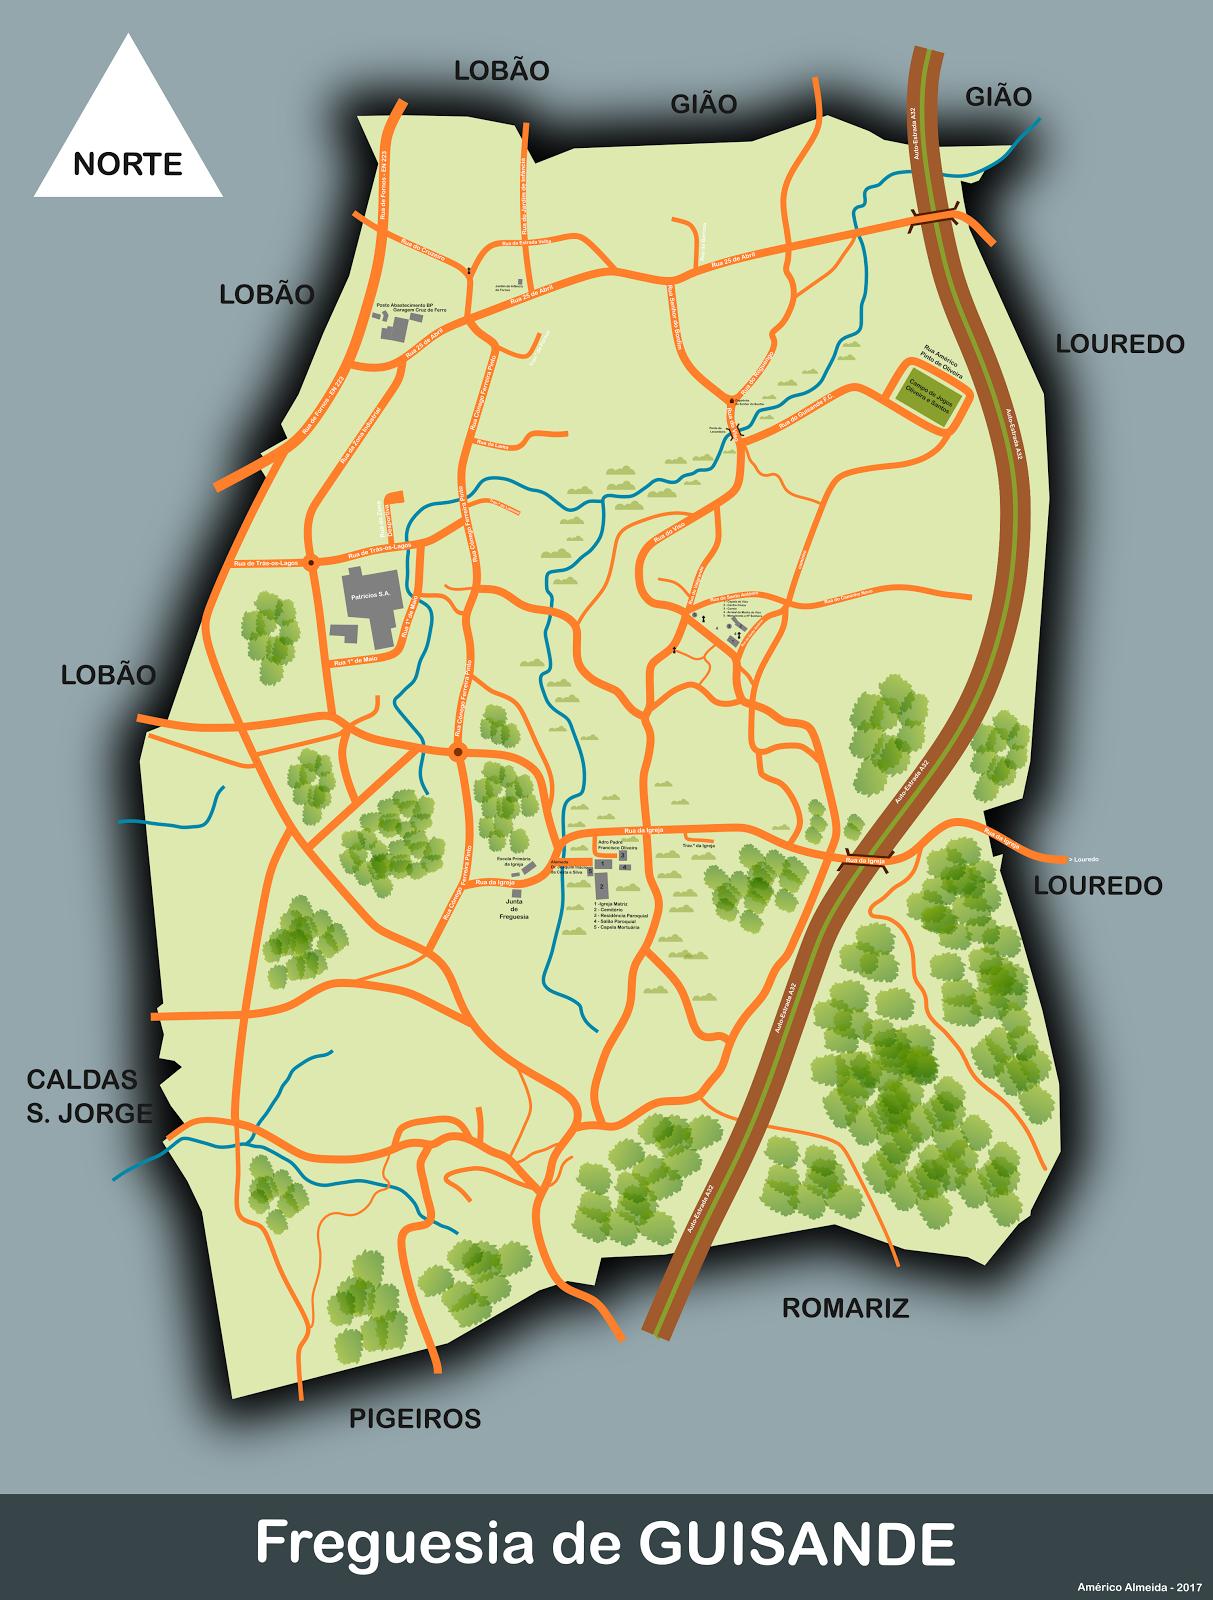 [mapa_guisande_26102017_1%5B4%5D]